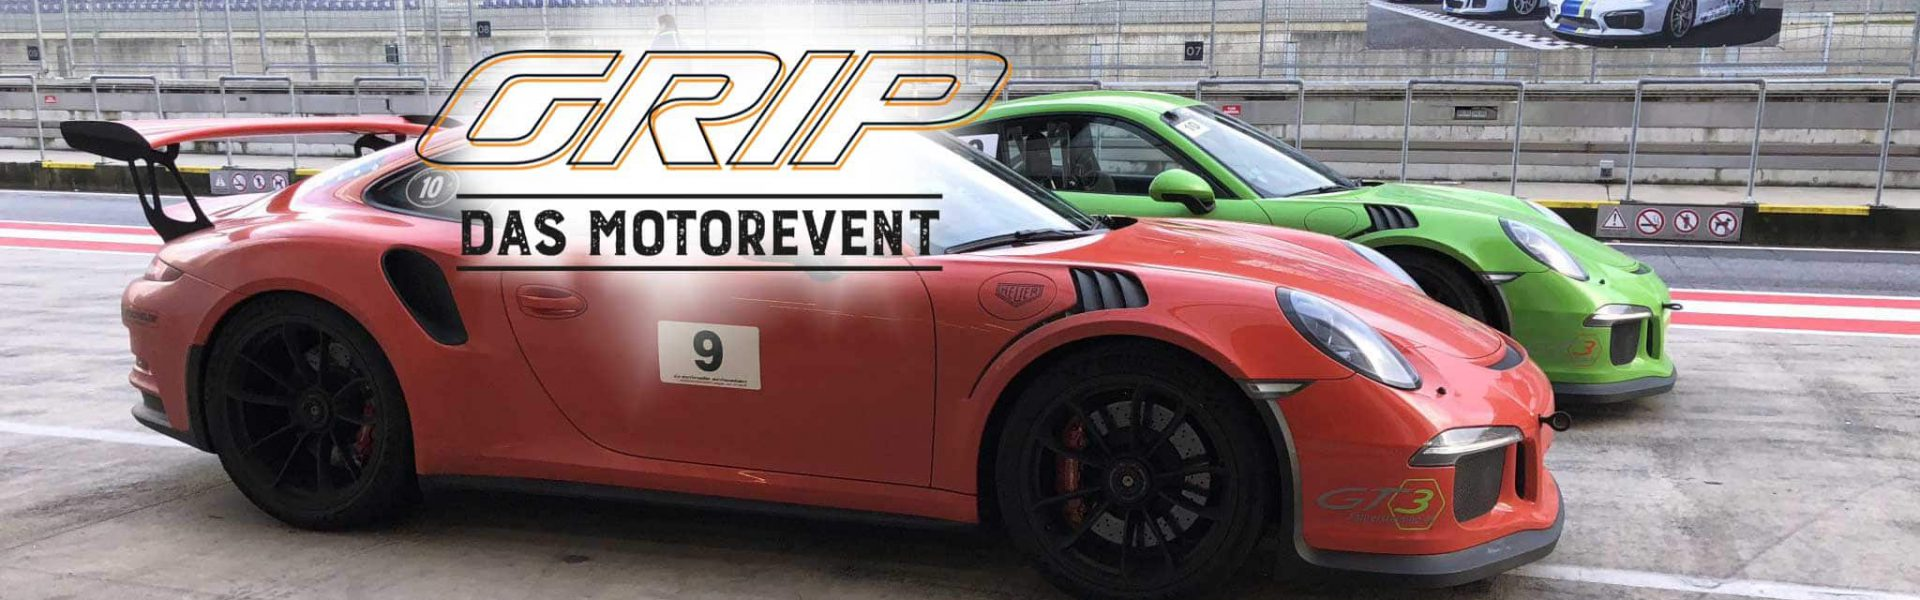 GRIP - Das Motorevent - Renntaxi GT3 Fahrertraining